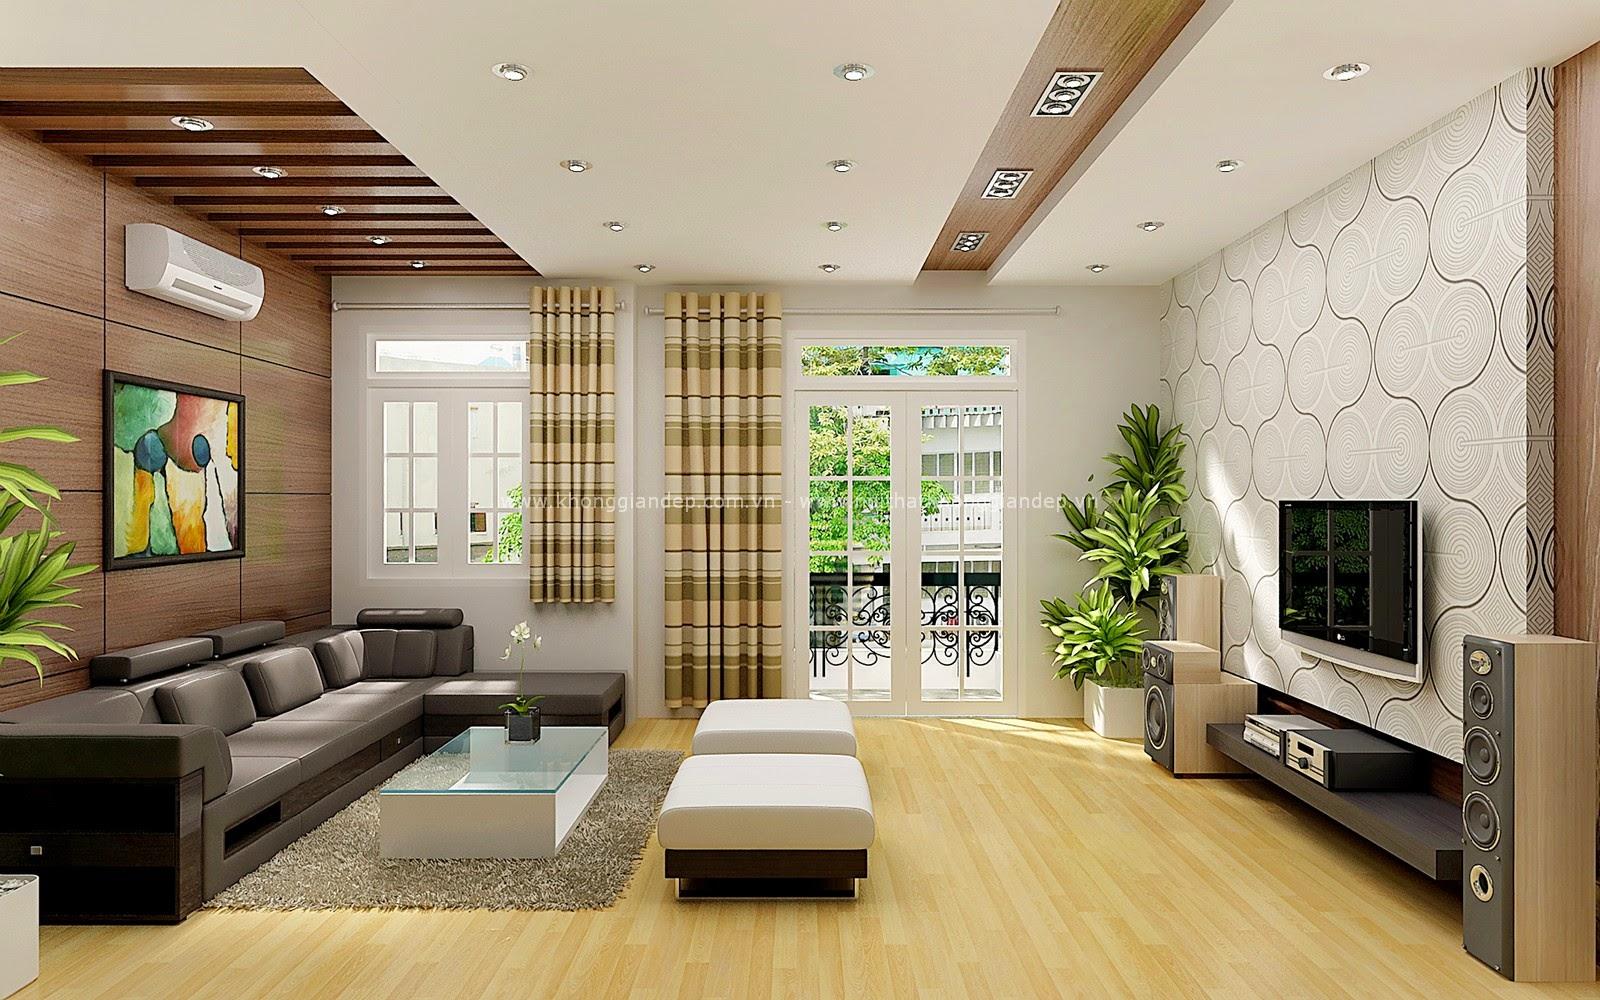 Chung cư Phú Mỹ Complex - căn hộ resort với sức hấp dẫn khó chối từ